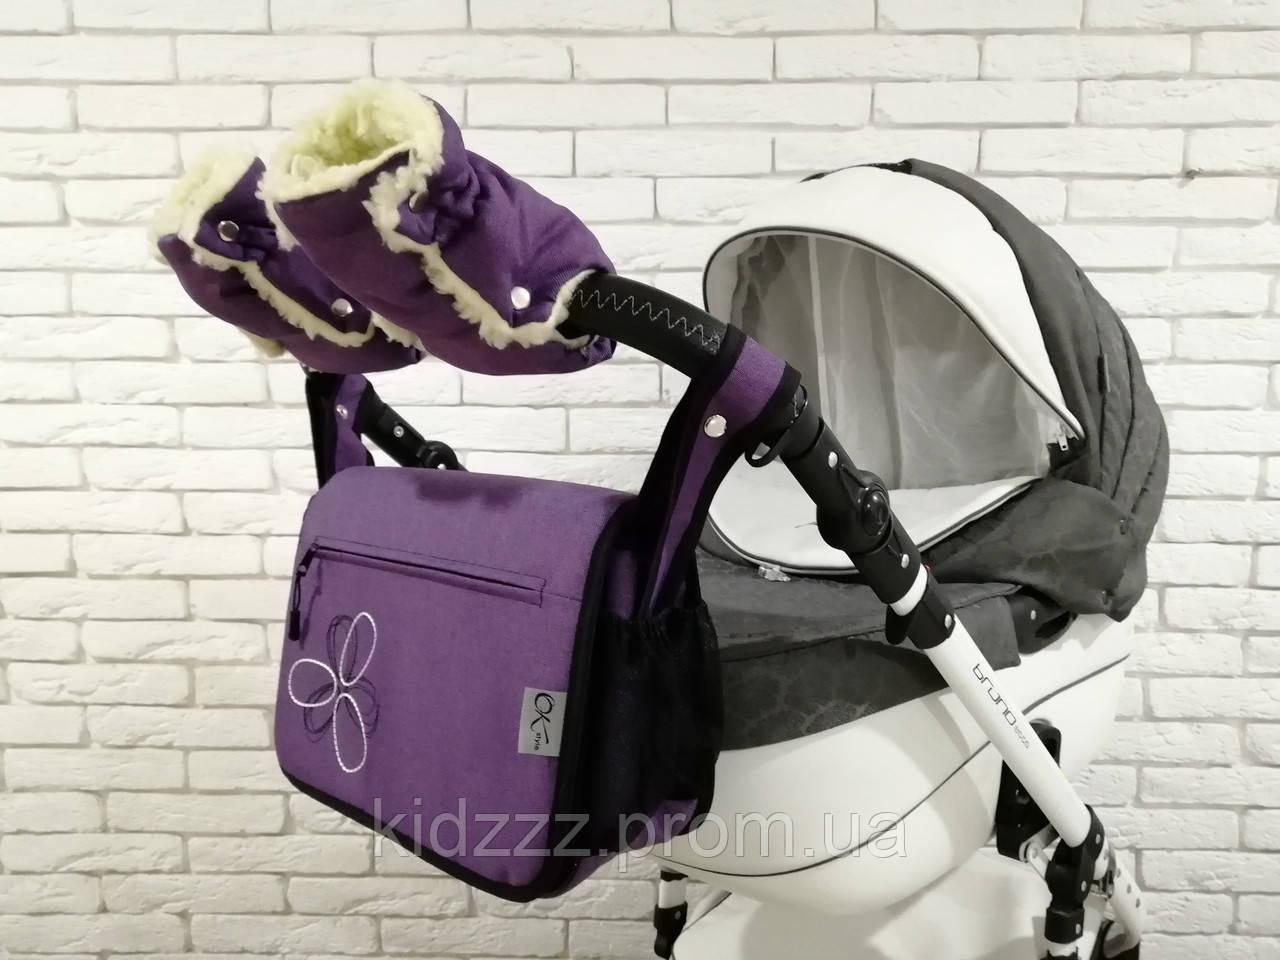 Комплект сумка и рукавички на коляску Ok Style Цветок Лен (Сиреневый)